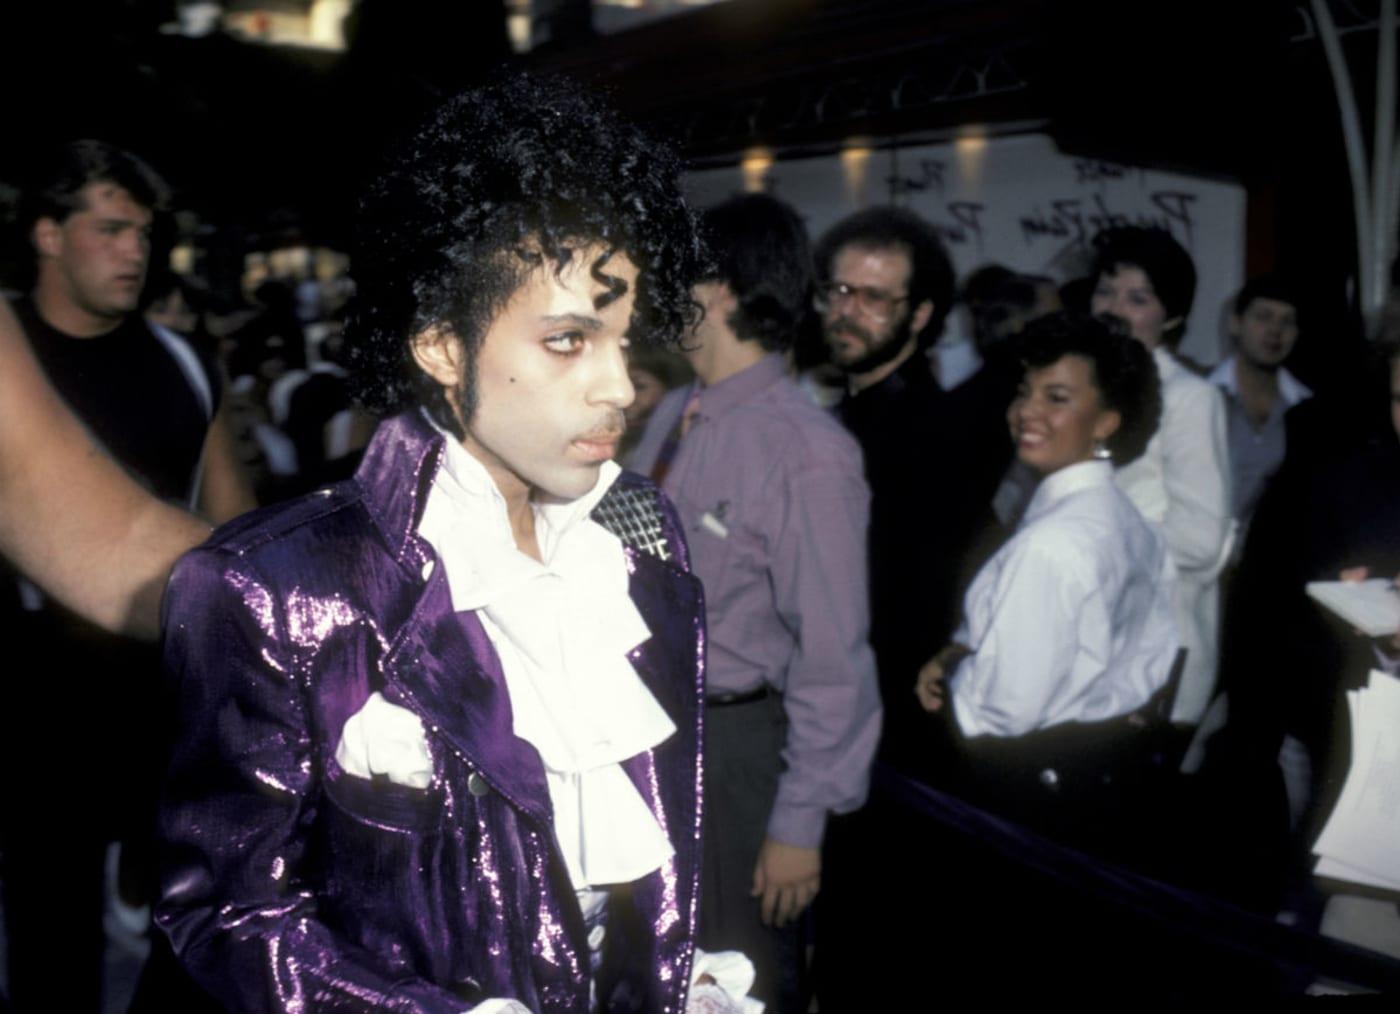 Prince 1984